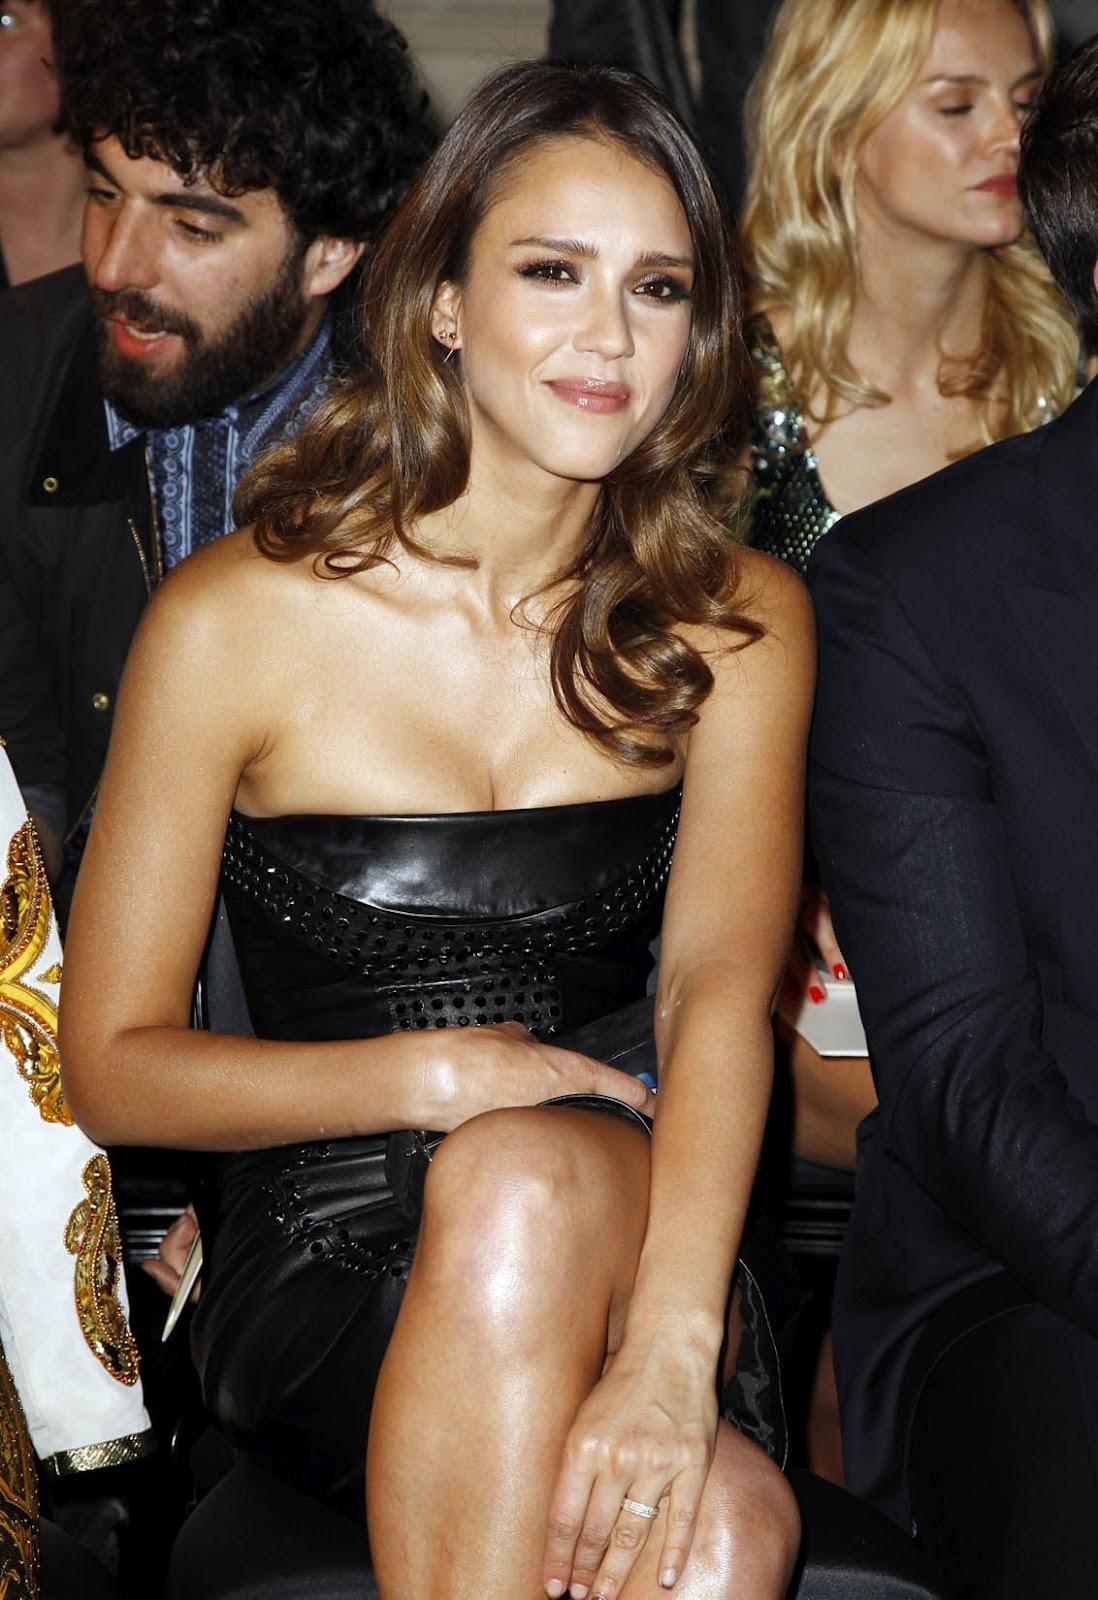 http://2.bp.blogspot.com/-q3TGd3TqL1s/T_QGHKBf3BI/AAAAAAAAL-c/JFtU5VdVsTM/s1600/jessica_alba_shiny_dress_hot_7.jpg